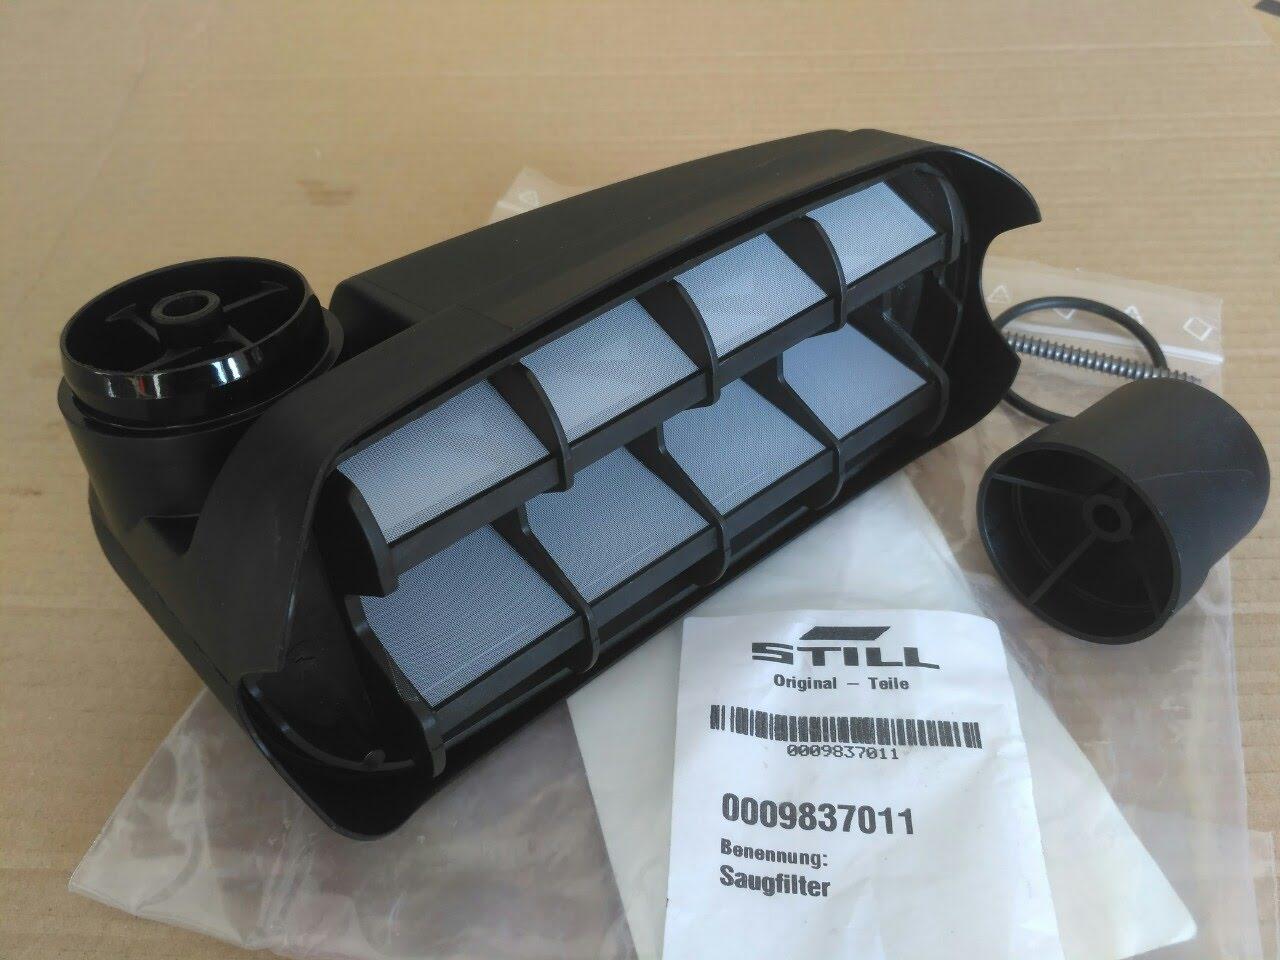 STILL 00009837011 фильтр воздушный / фільтр повітряний